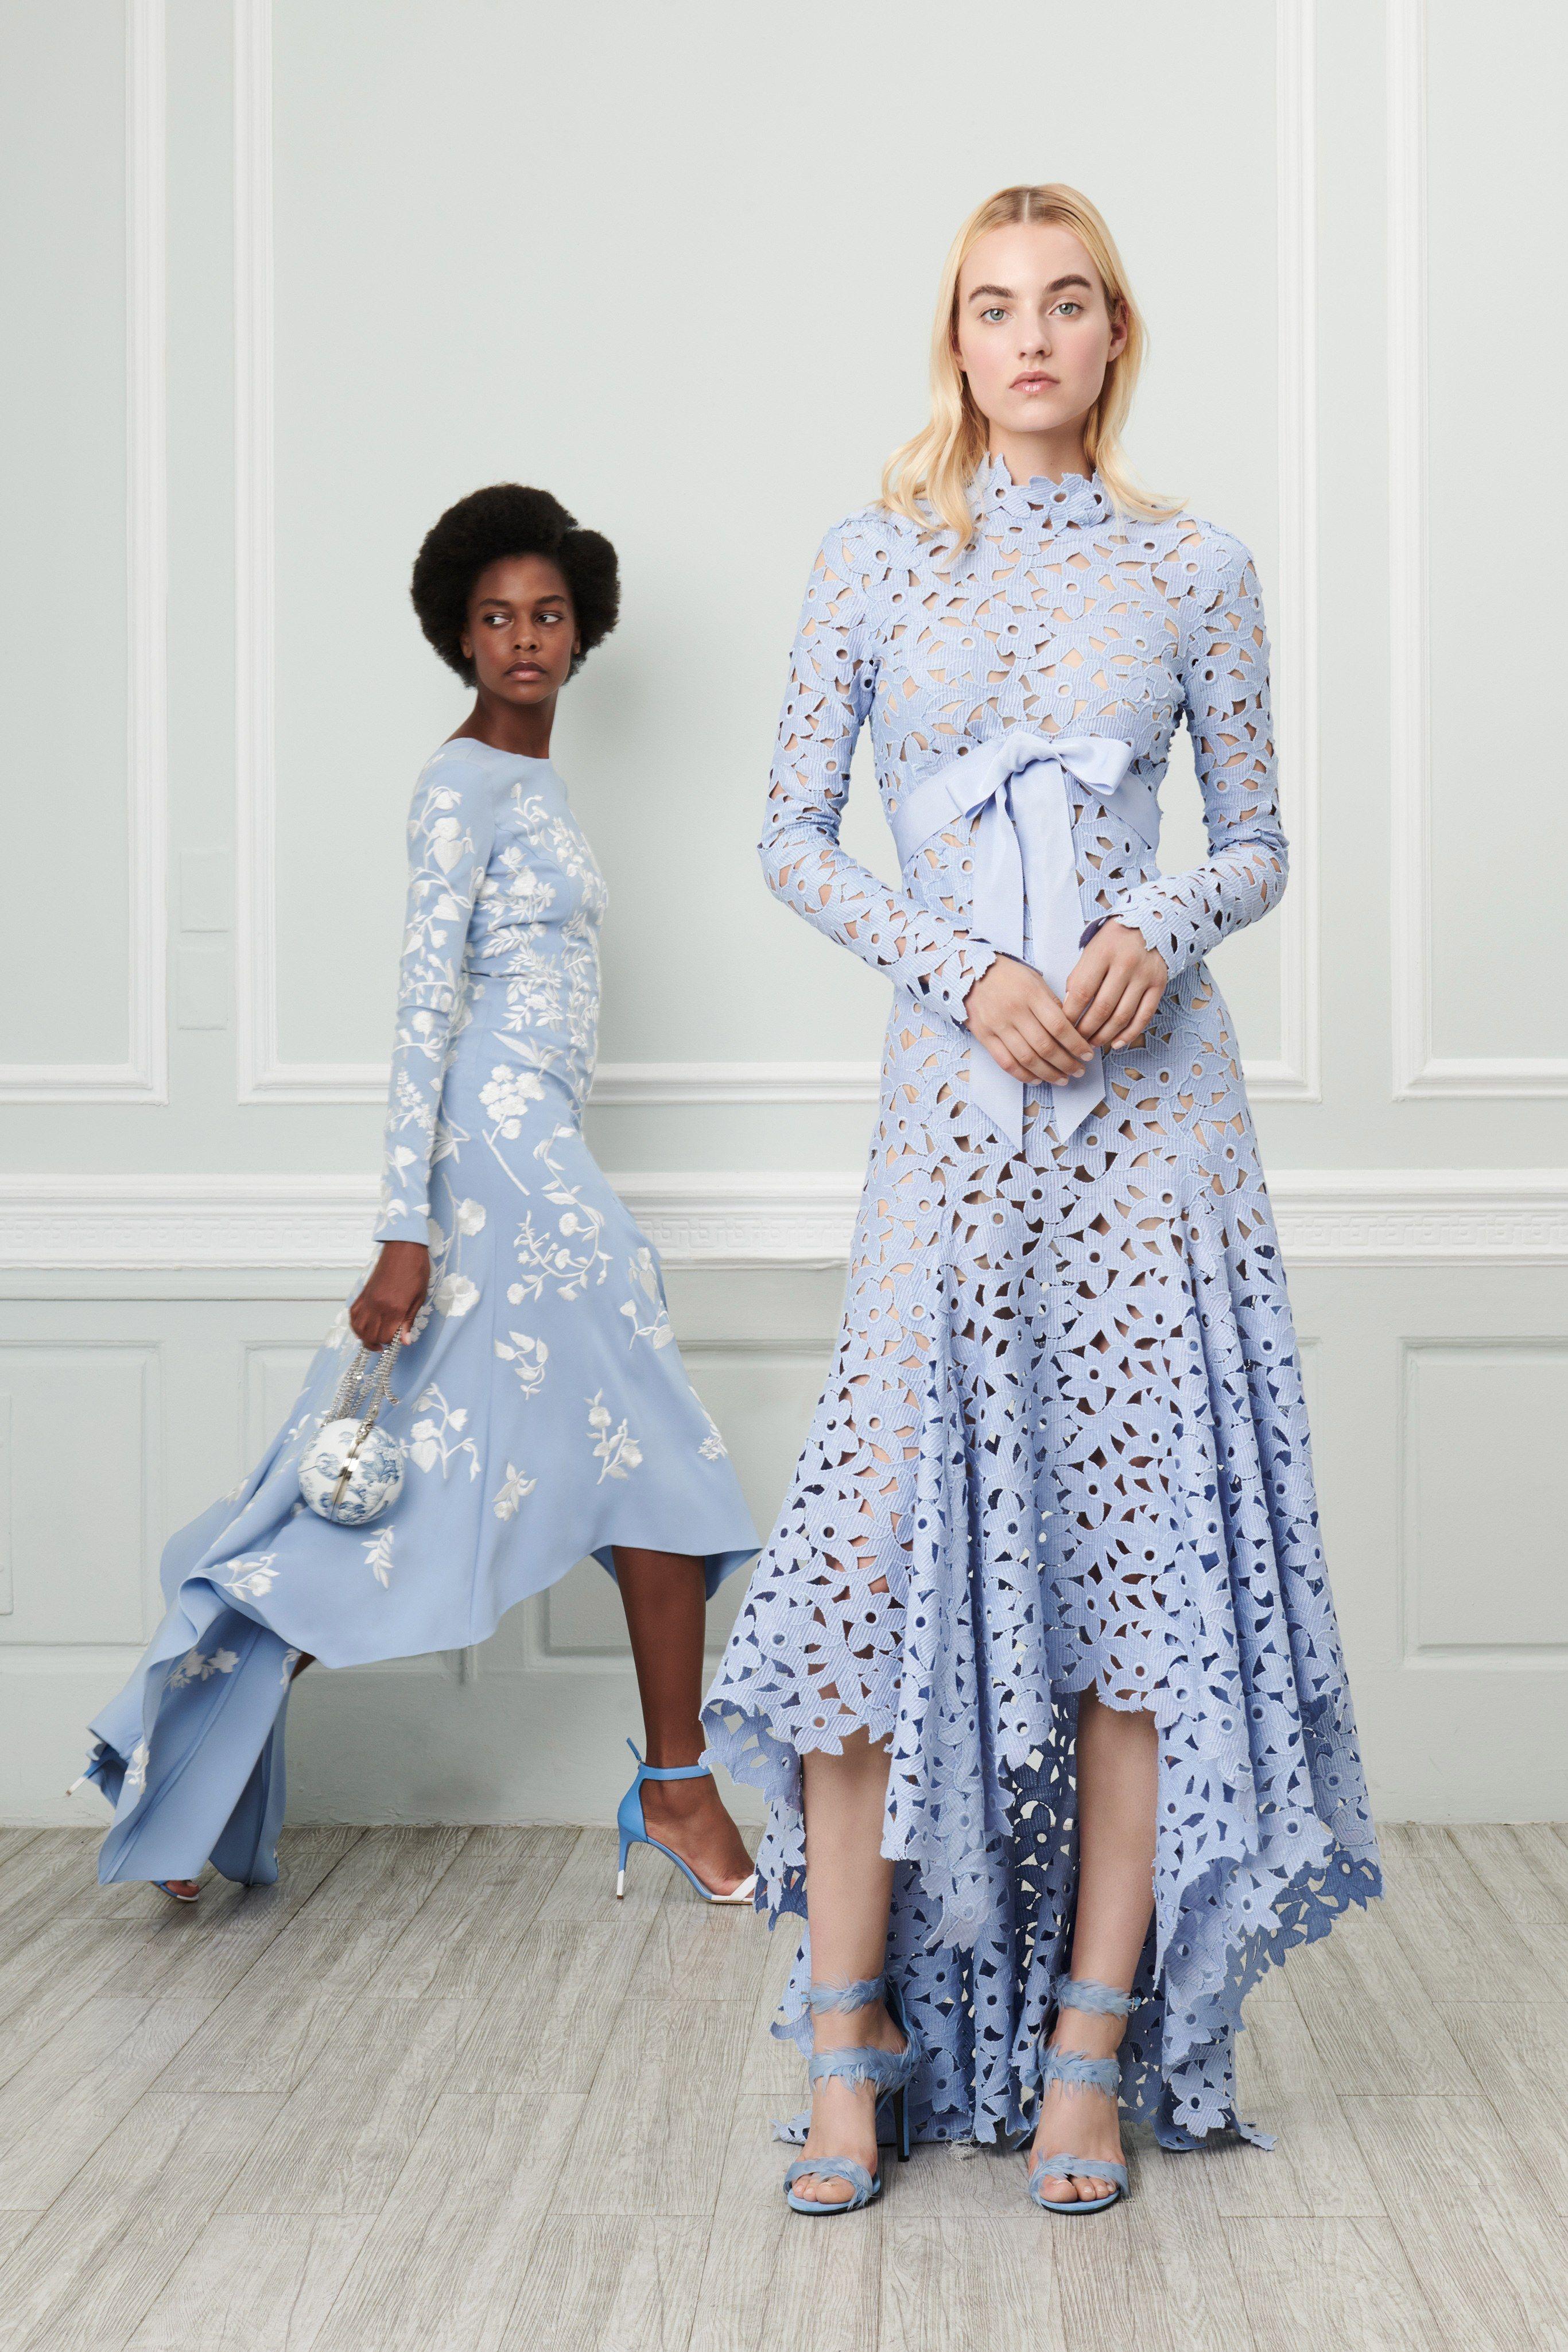 f7a6441ef03764 Oscar de la Renta Resort 2019 New York Collection -  Vogue purveyoroffinefabrics  rexfabrics